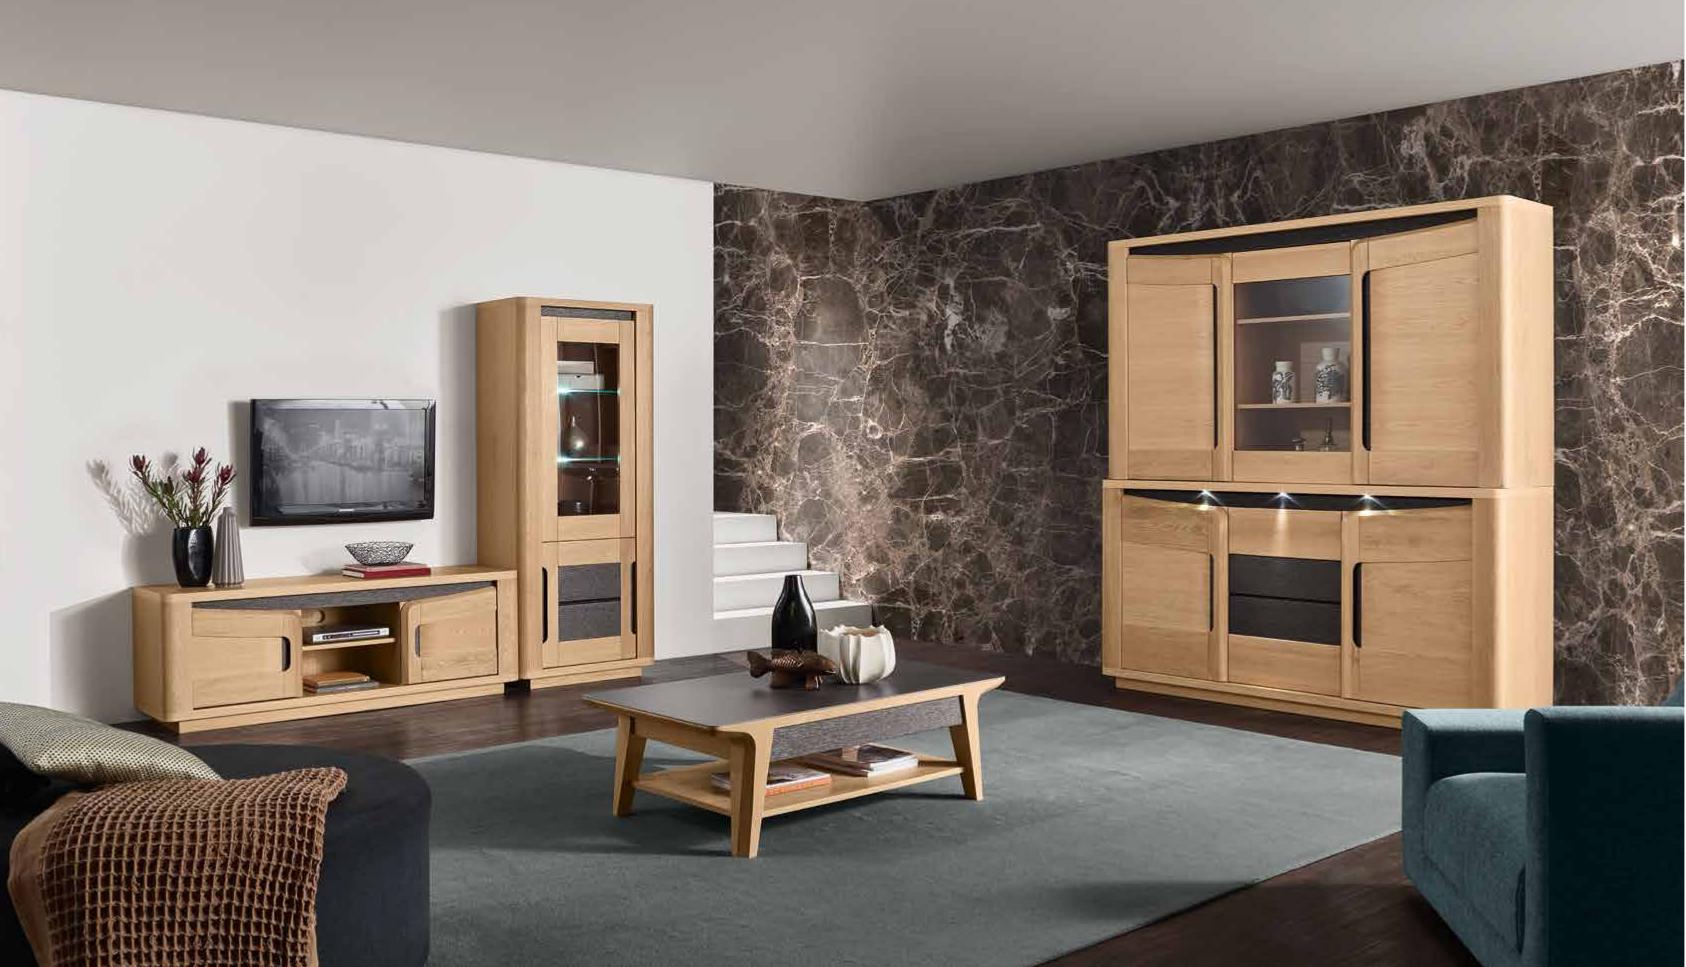 la sublime collection bella fait son entr e chez meubles jem. Black Bedroom Furniture Sets. Home Design Ideas